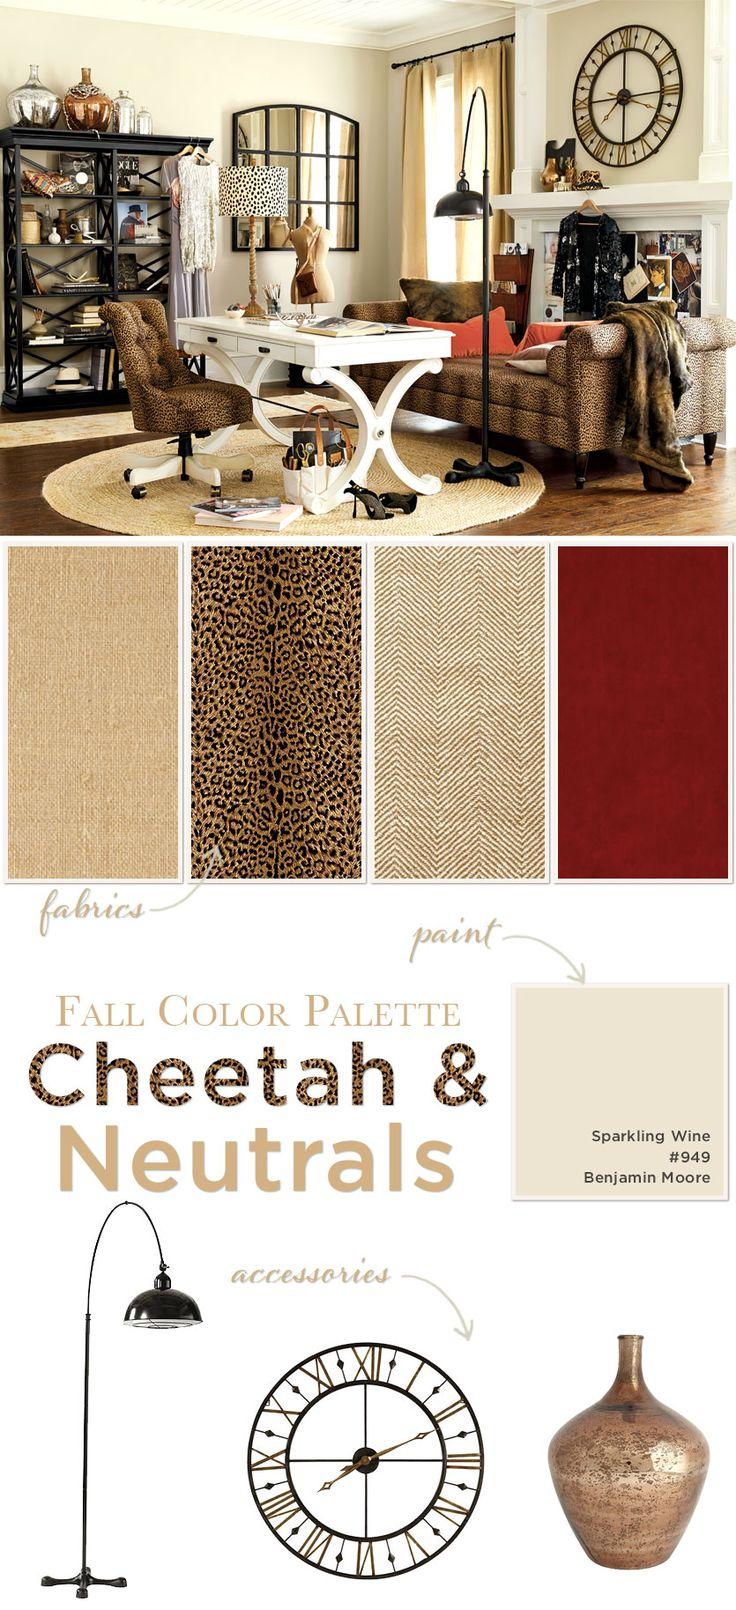 Cheetah Print Decor 17 Best Ideas About Cheetah Print Decor On Pinterest Cheetah